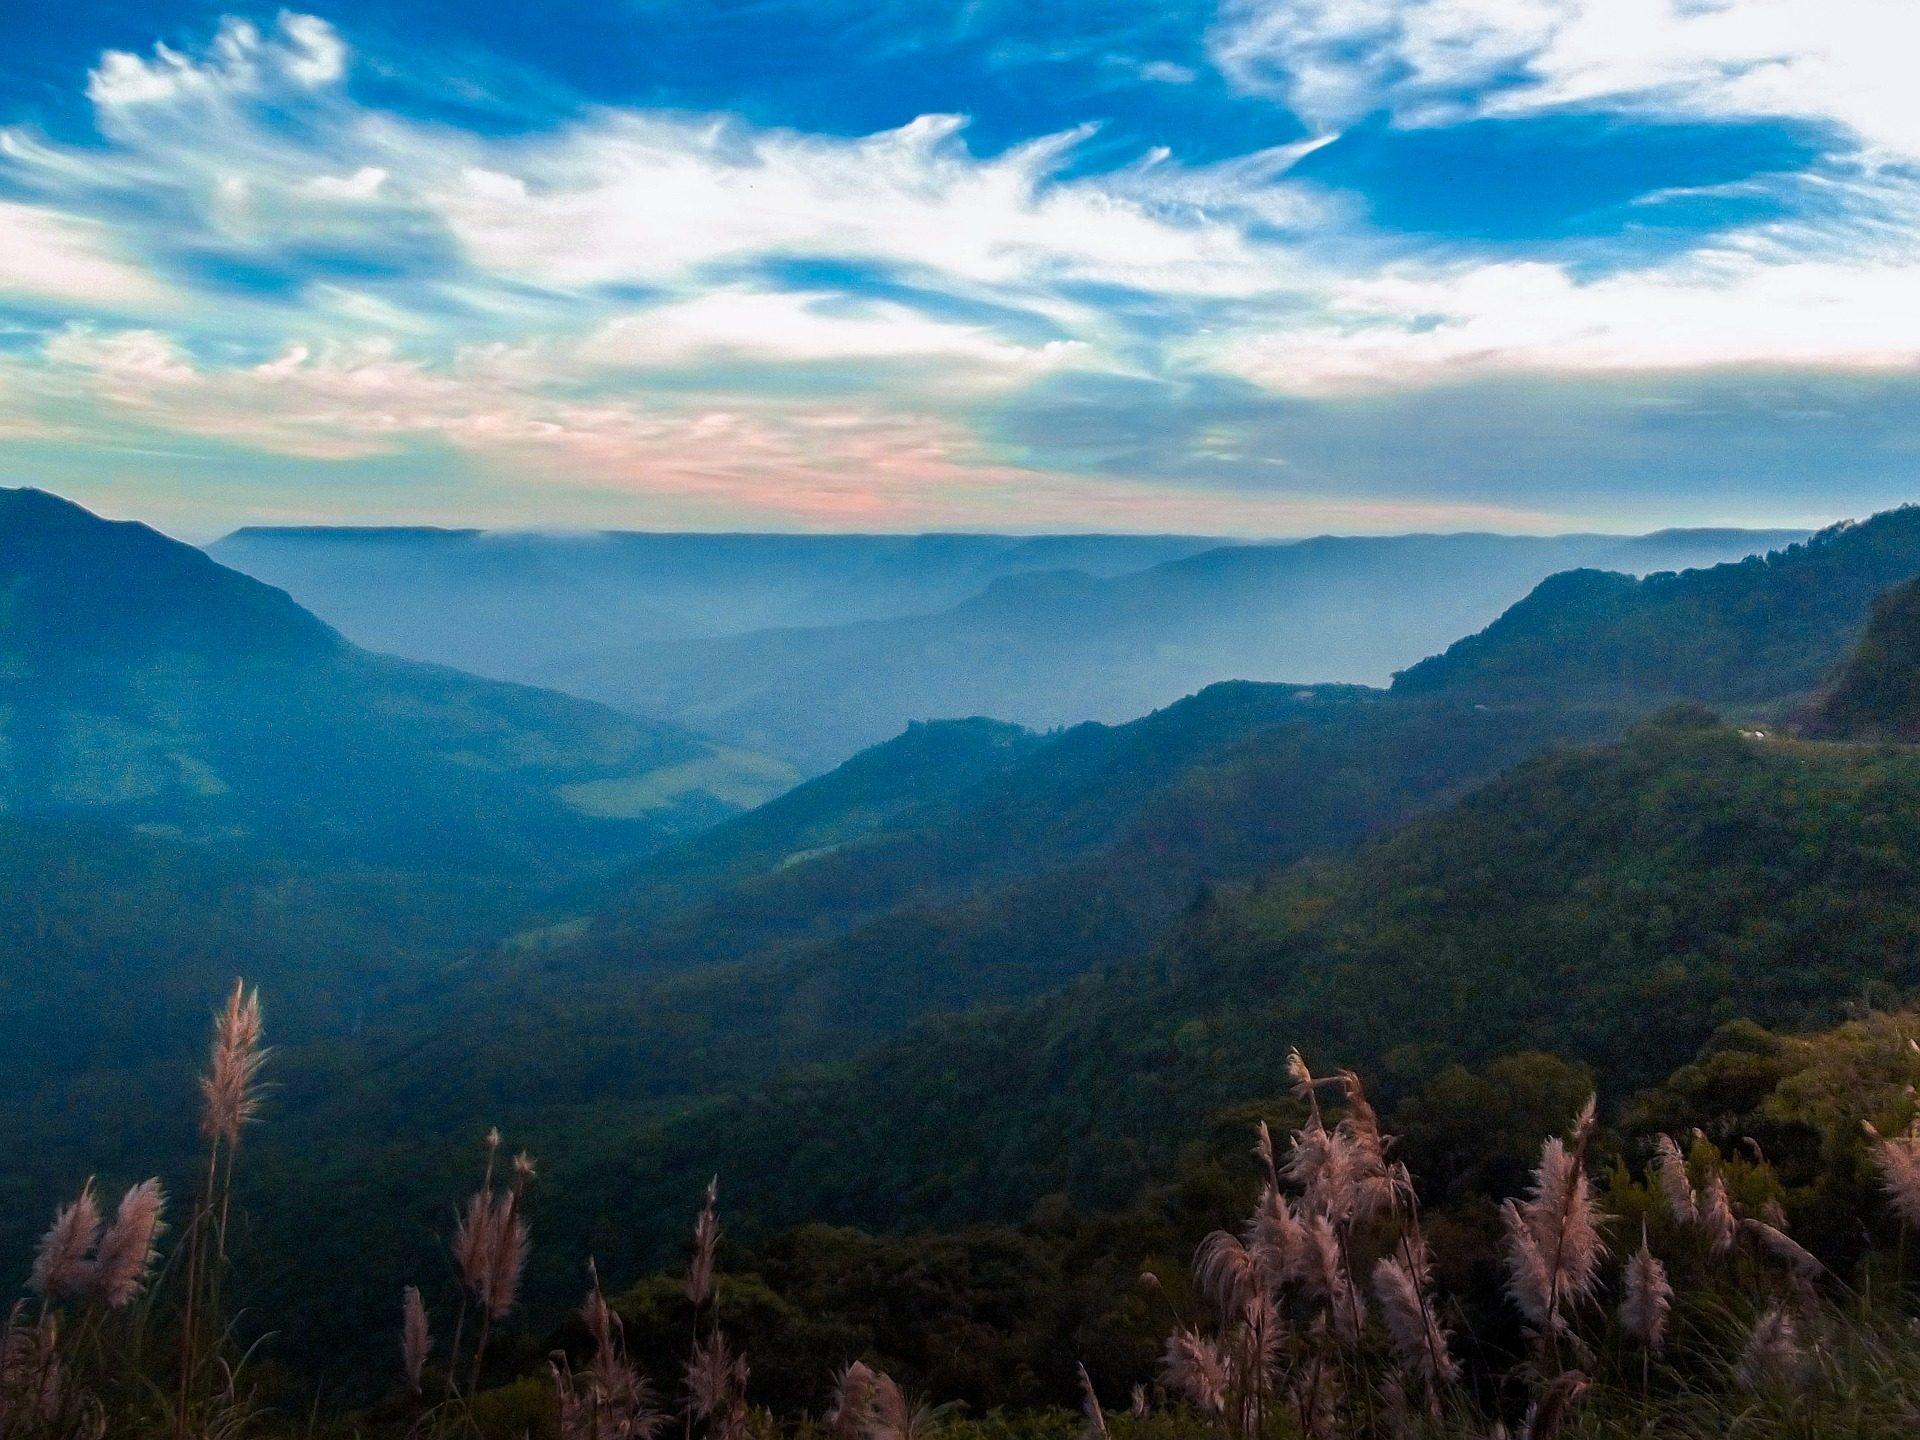 Montañas, foresta, vegetazione, nebbia, Cielo, nuvole - Sfondi HD - Professor-falken.com